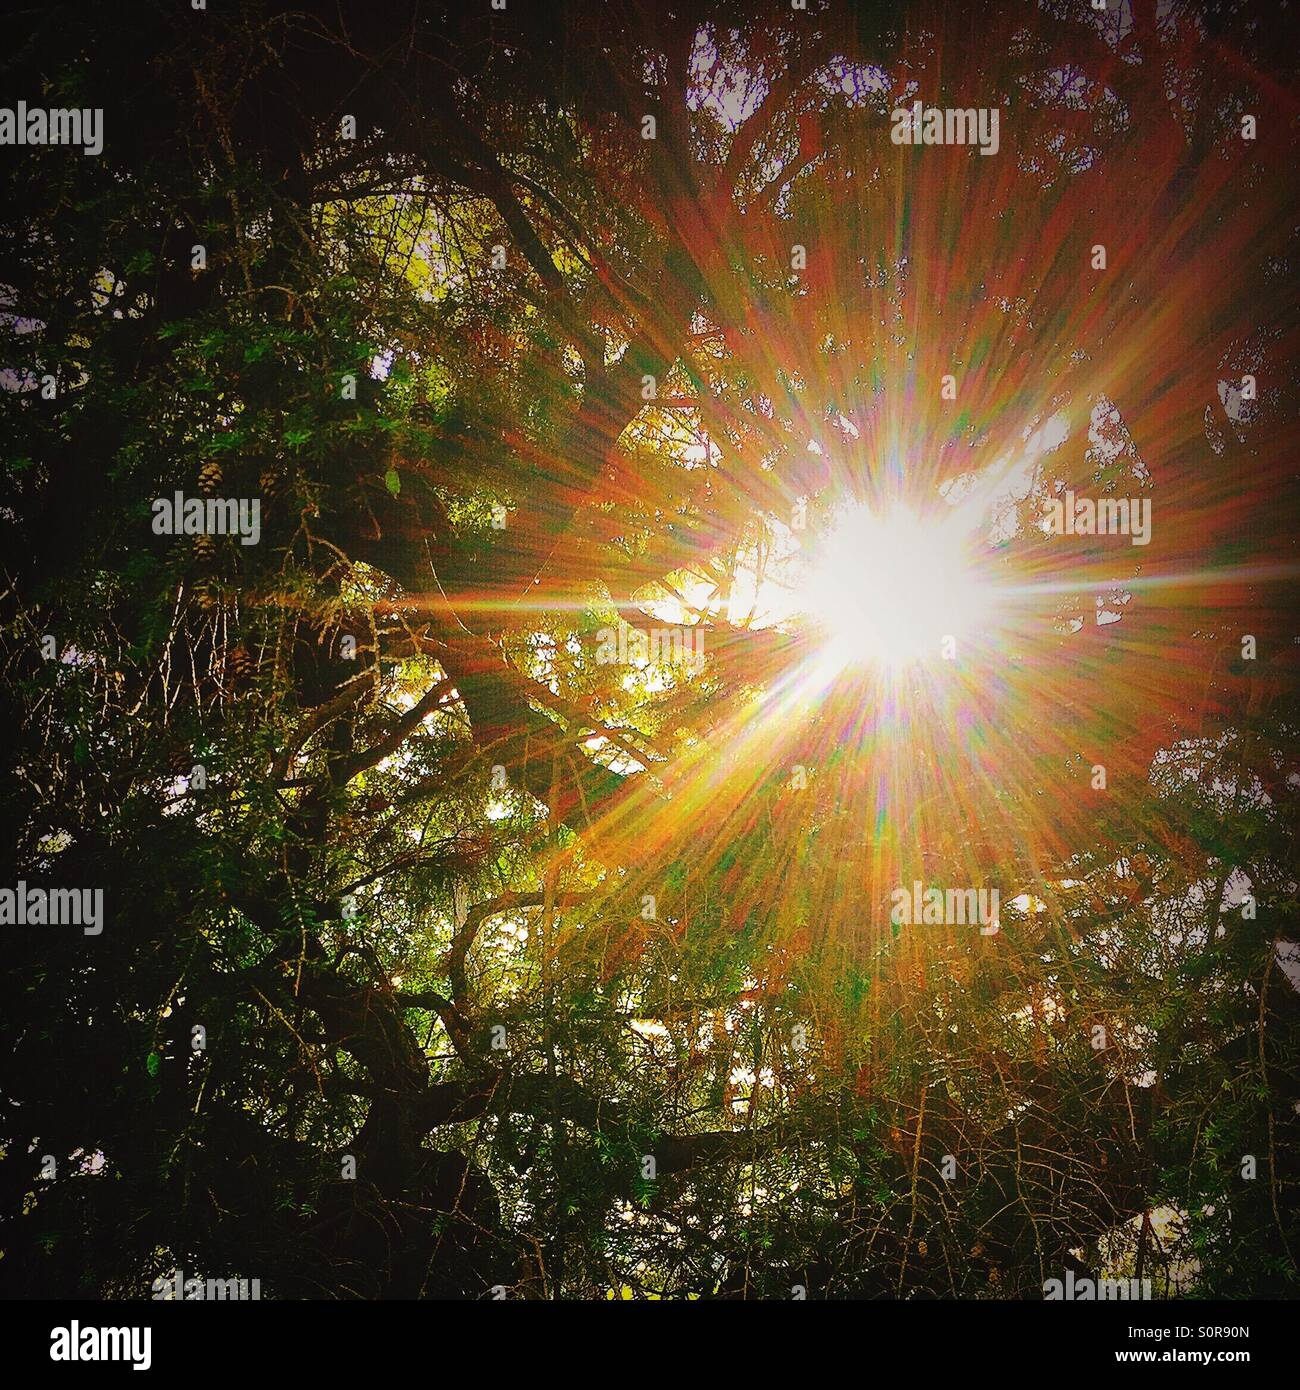 Zersplitterte Sonnenlicht brechen durch die Bäume Stockbild